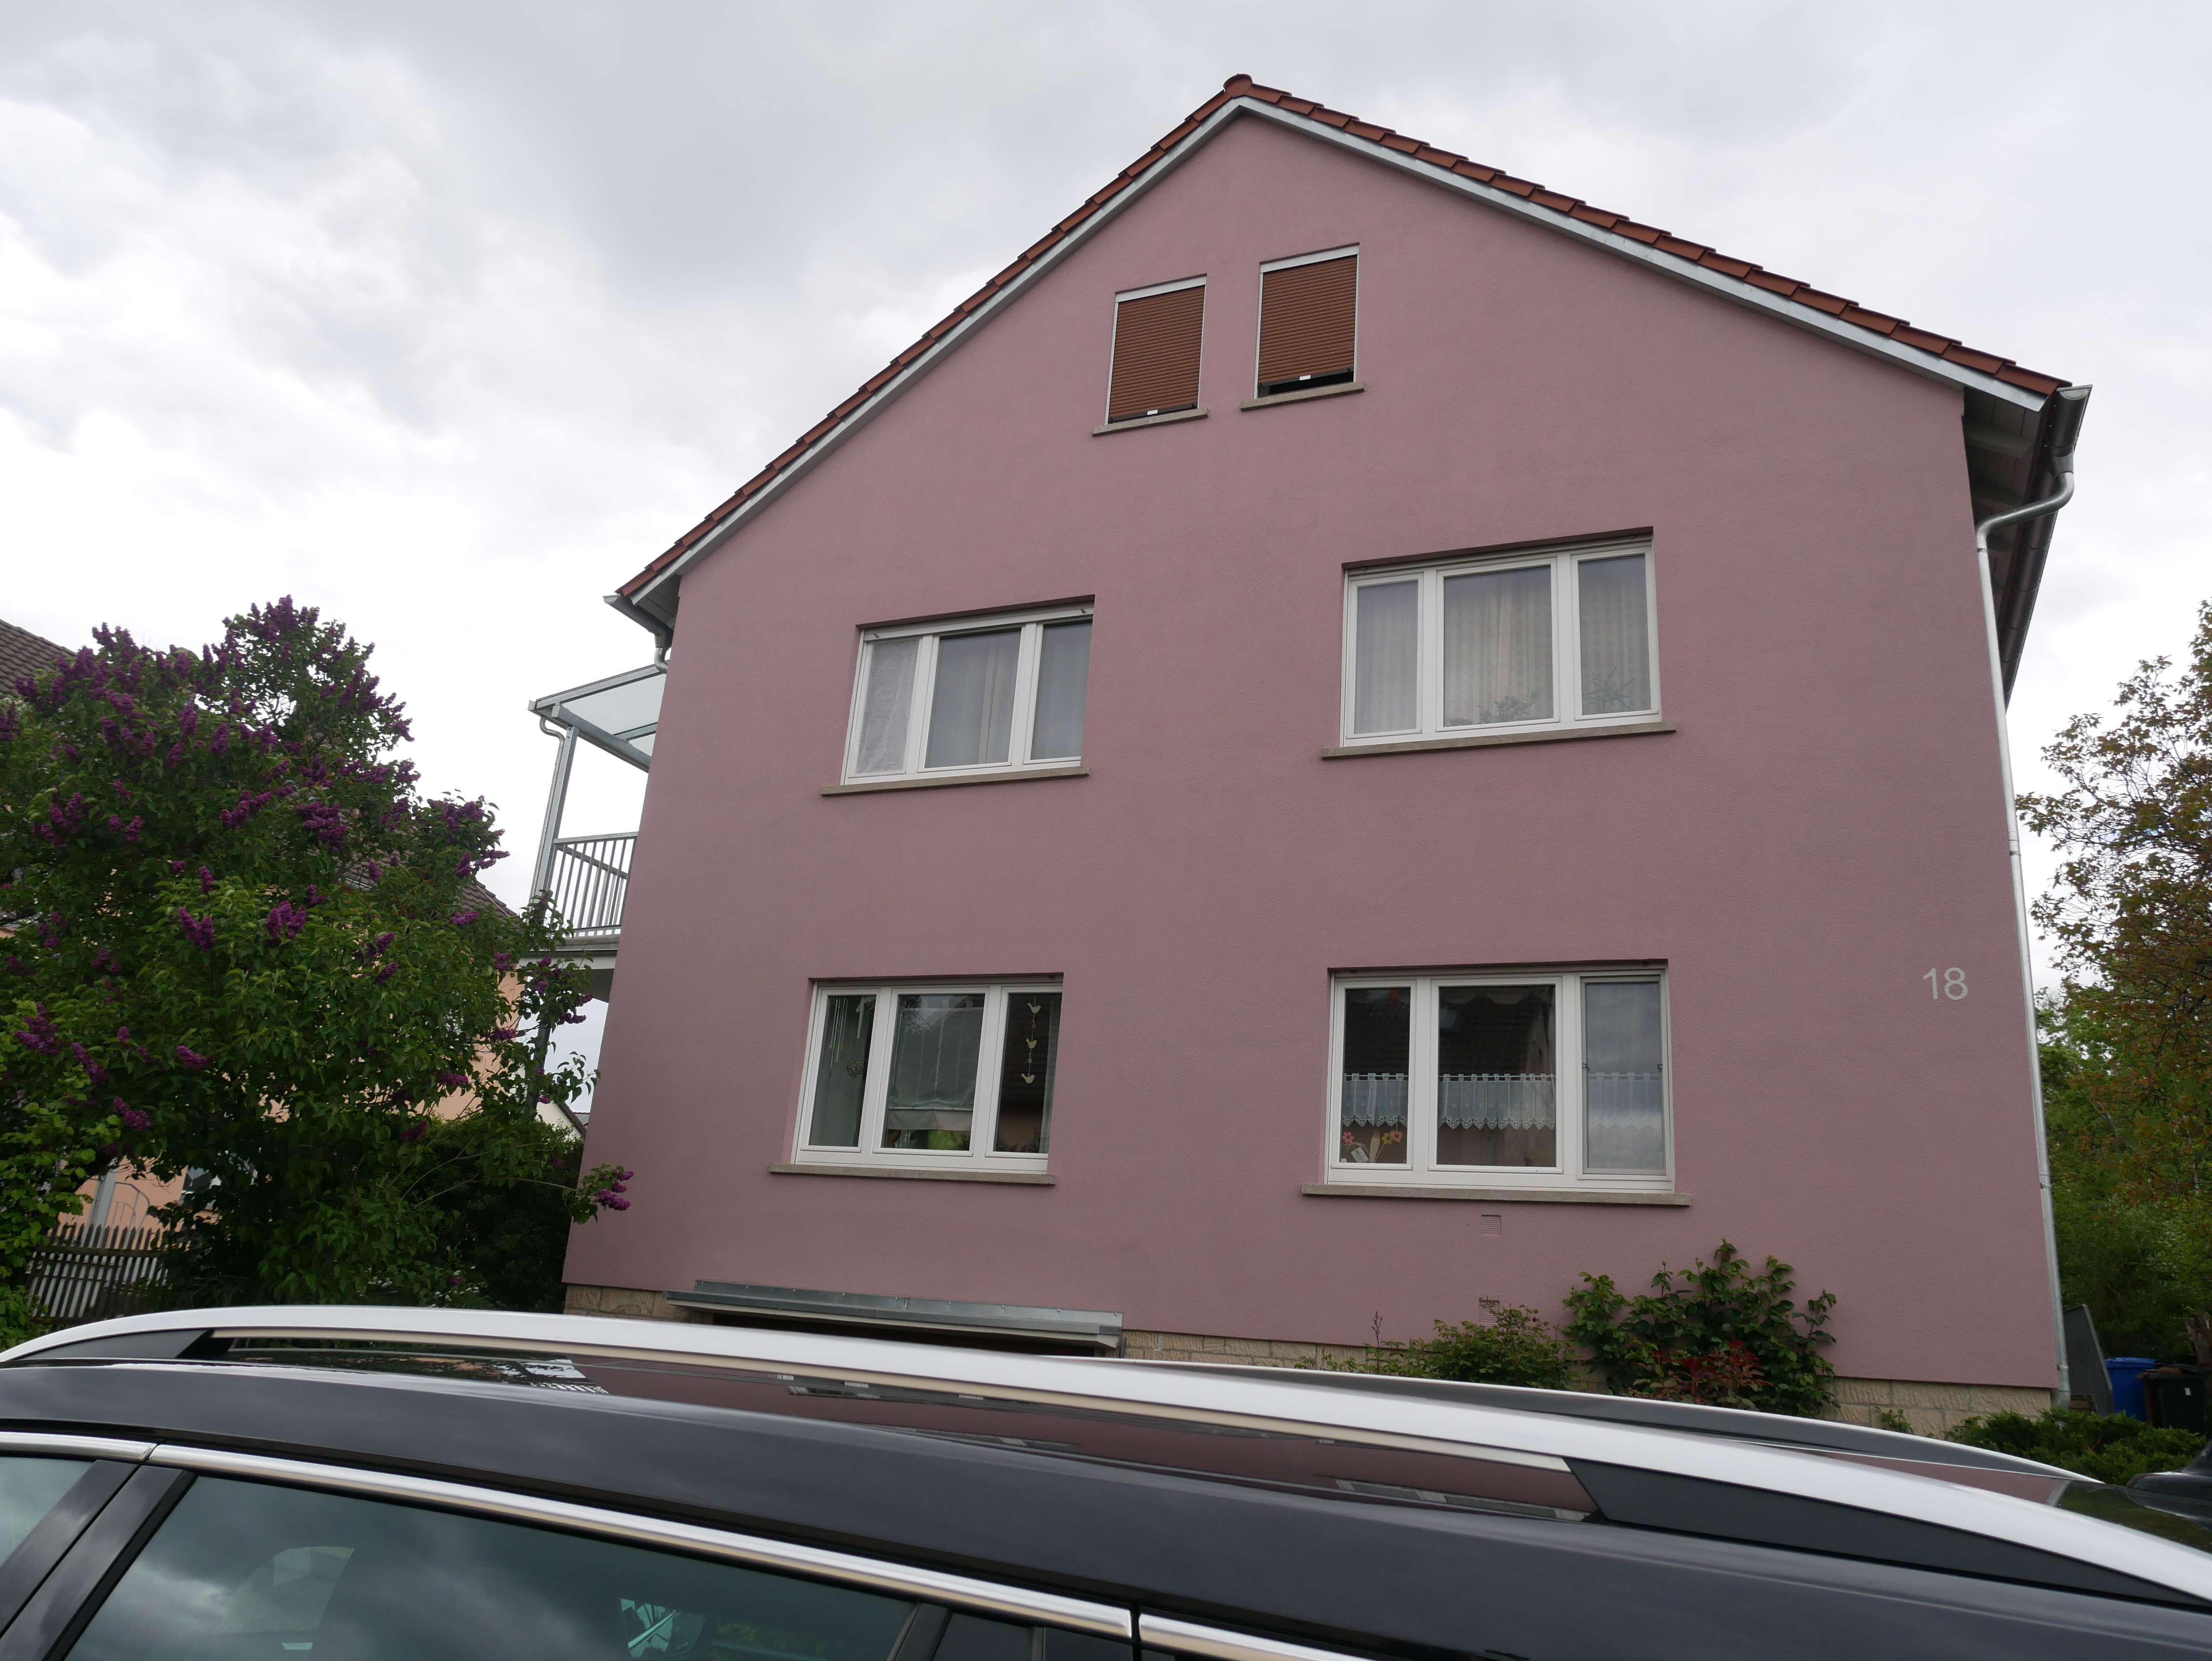 Schöne, geräumige 2,5 Zimmer Wohnung in Rhön-Grabfeld (Kreis), Rhön-Grabfeld, gemeindefreies Gebiet in Bad Neustadt an der Saale